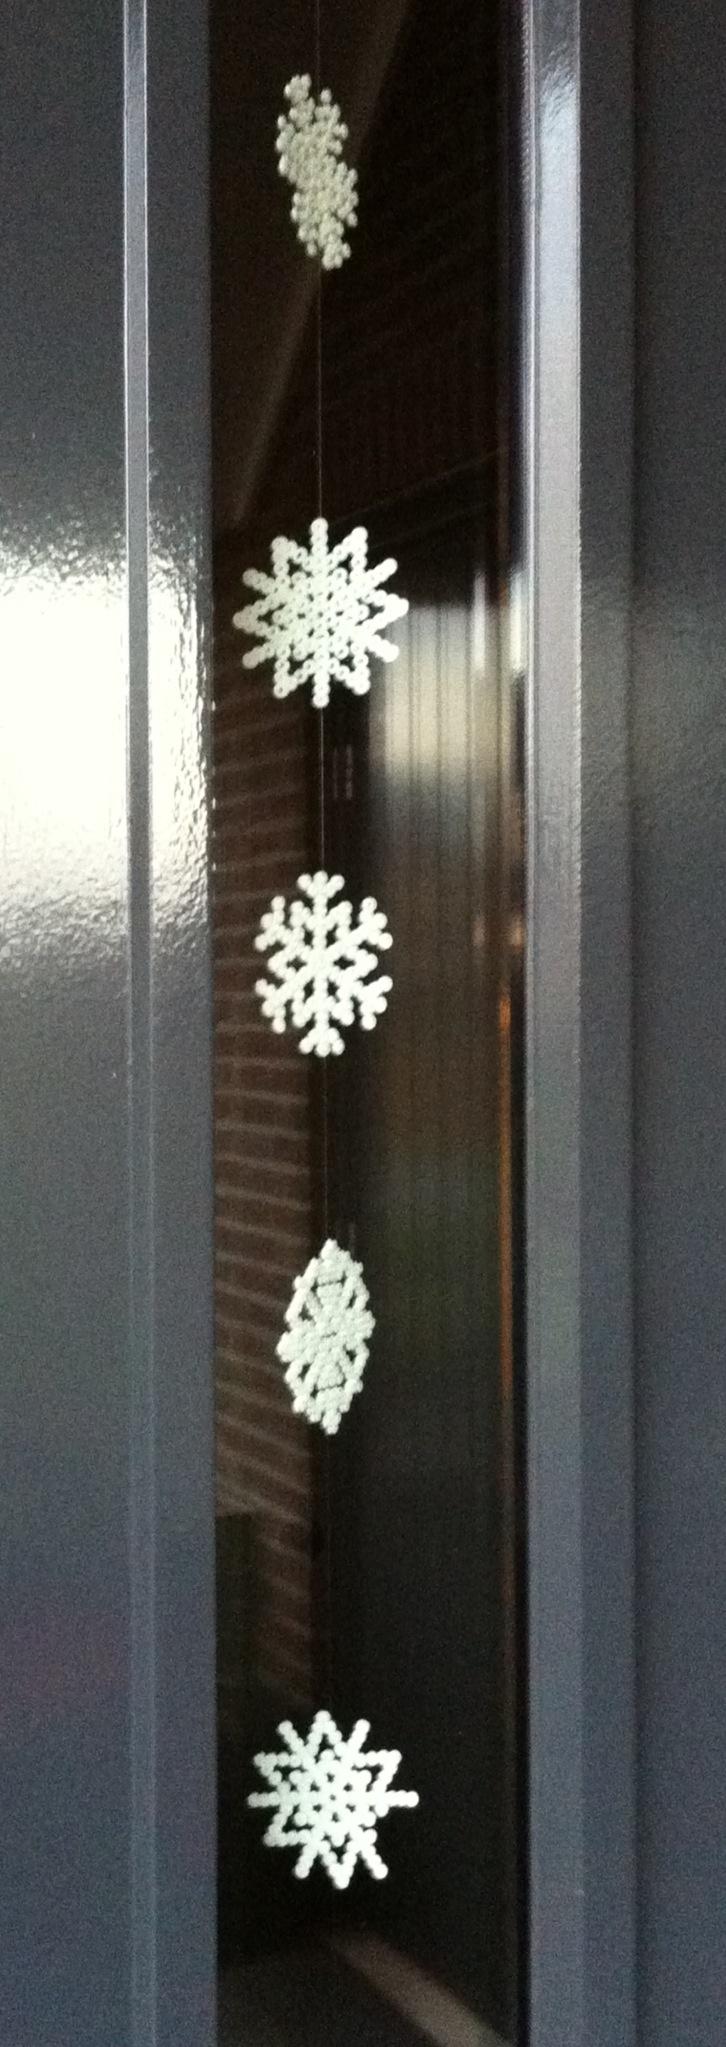 Sneeuwvlokken gemaakt van strijkkralen